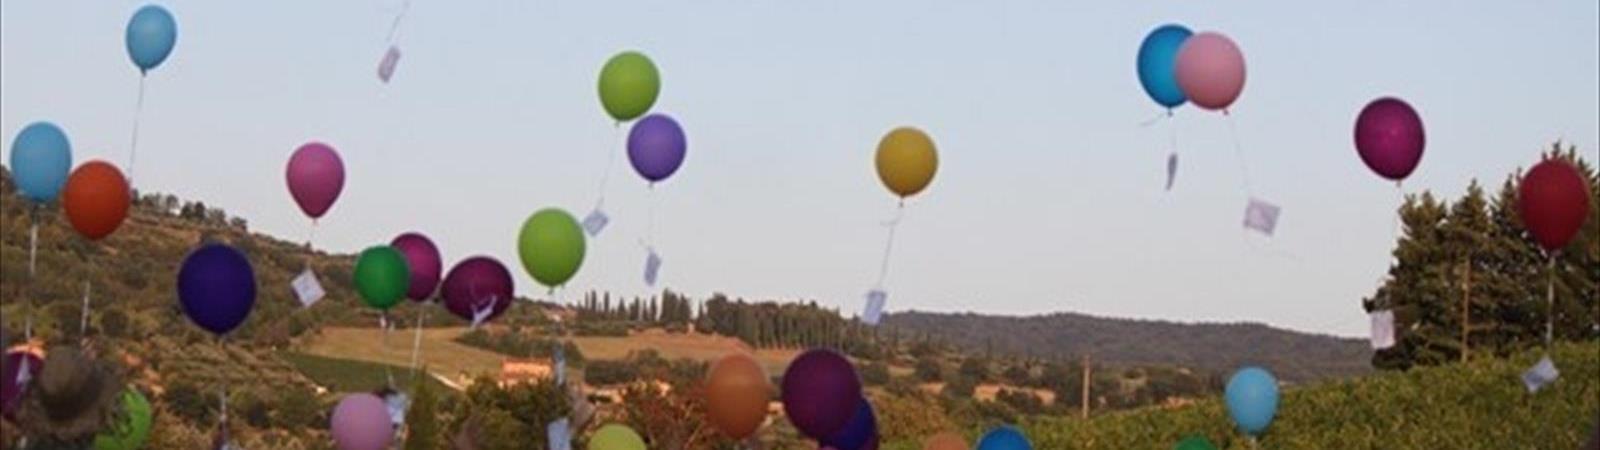 Soggiorni estivi per bambini e ragazzi in Umbria - Colleverdeclub.it